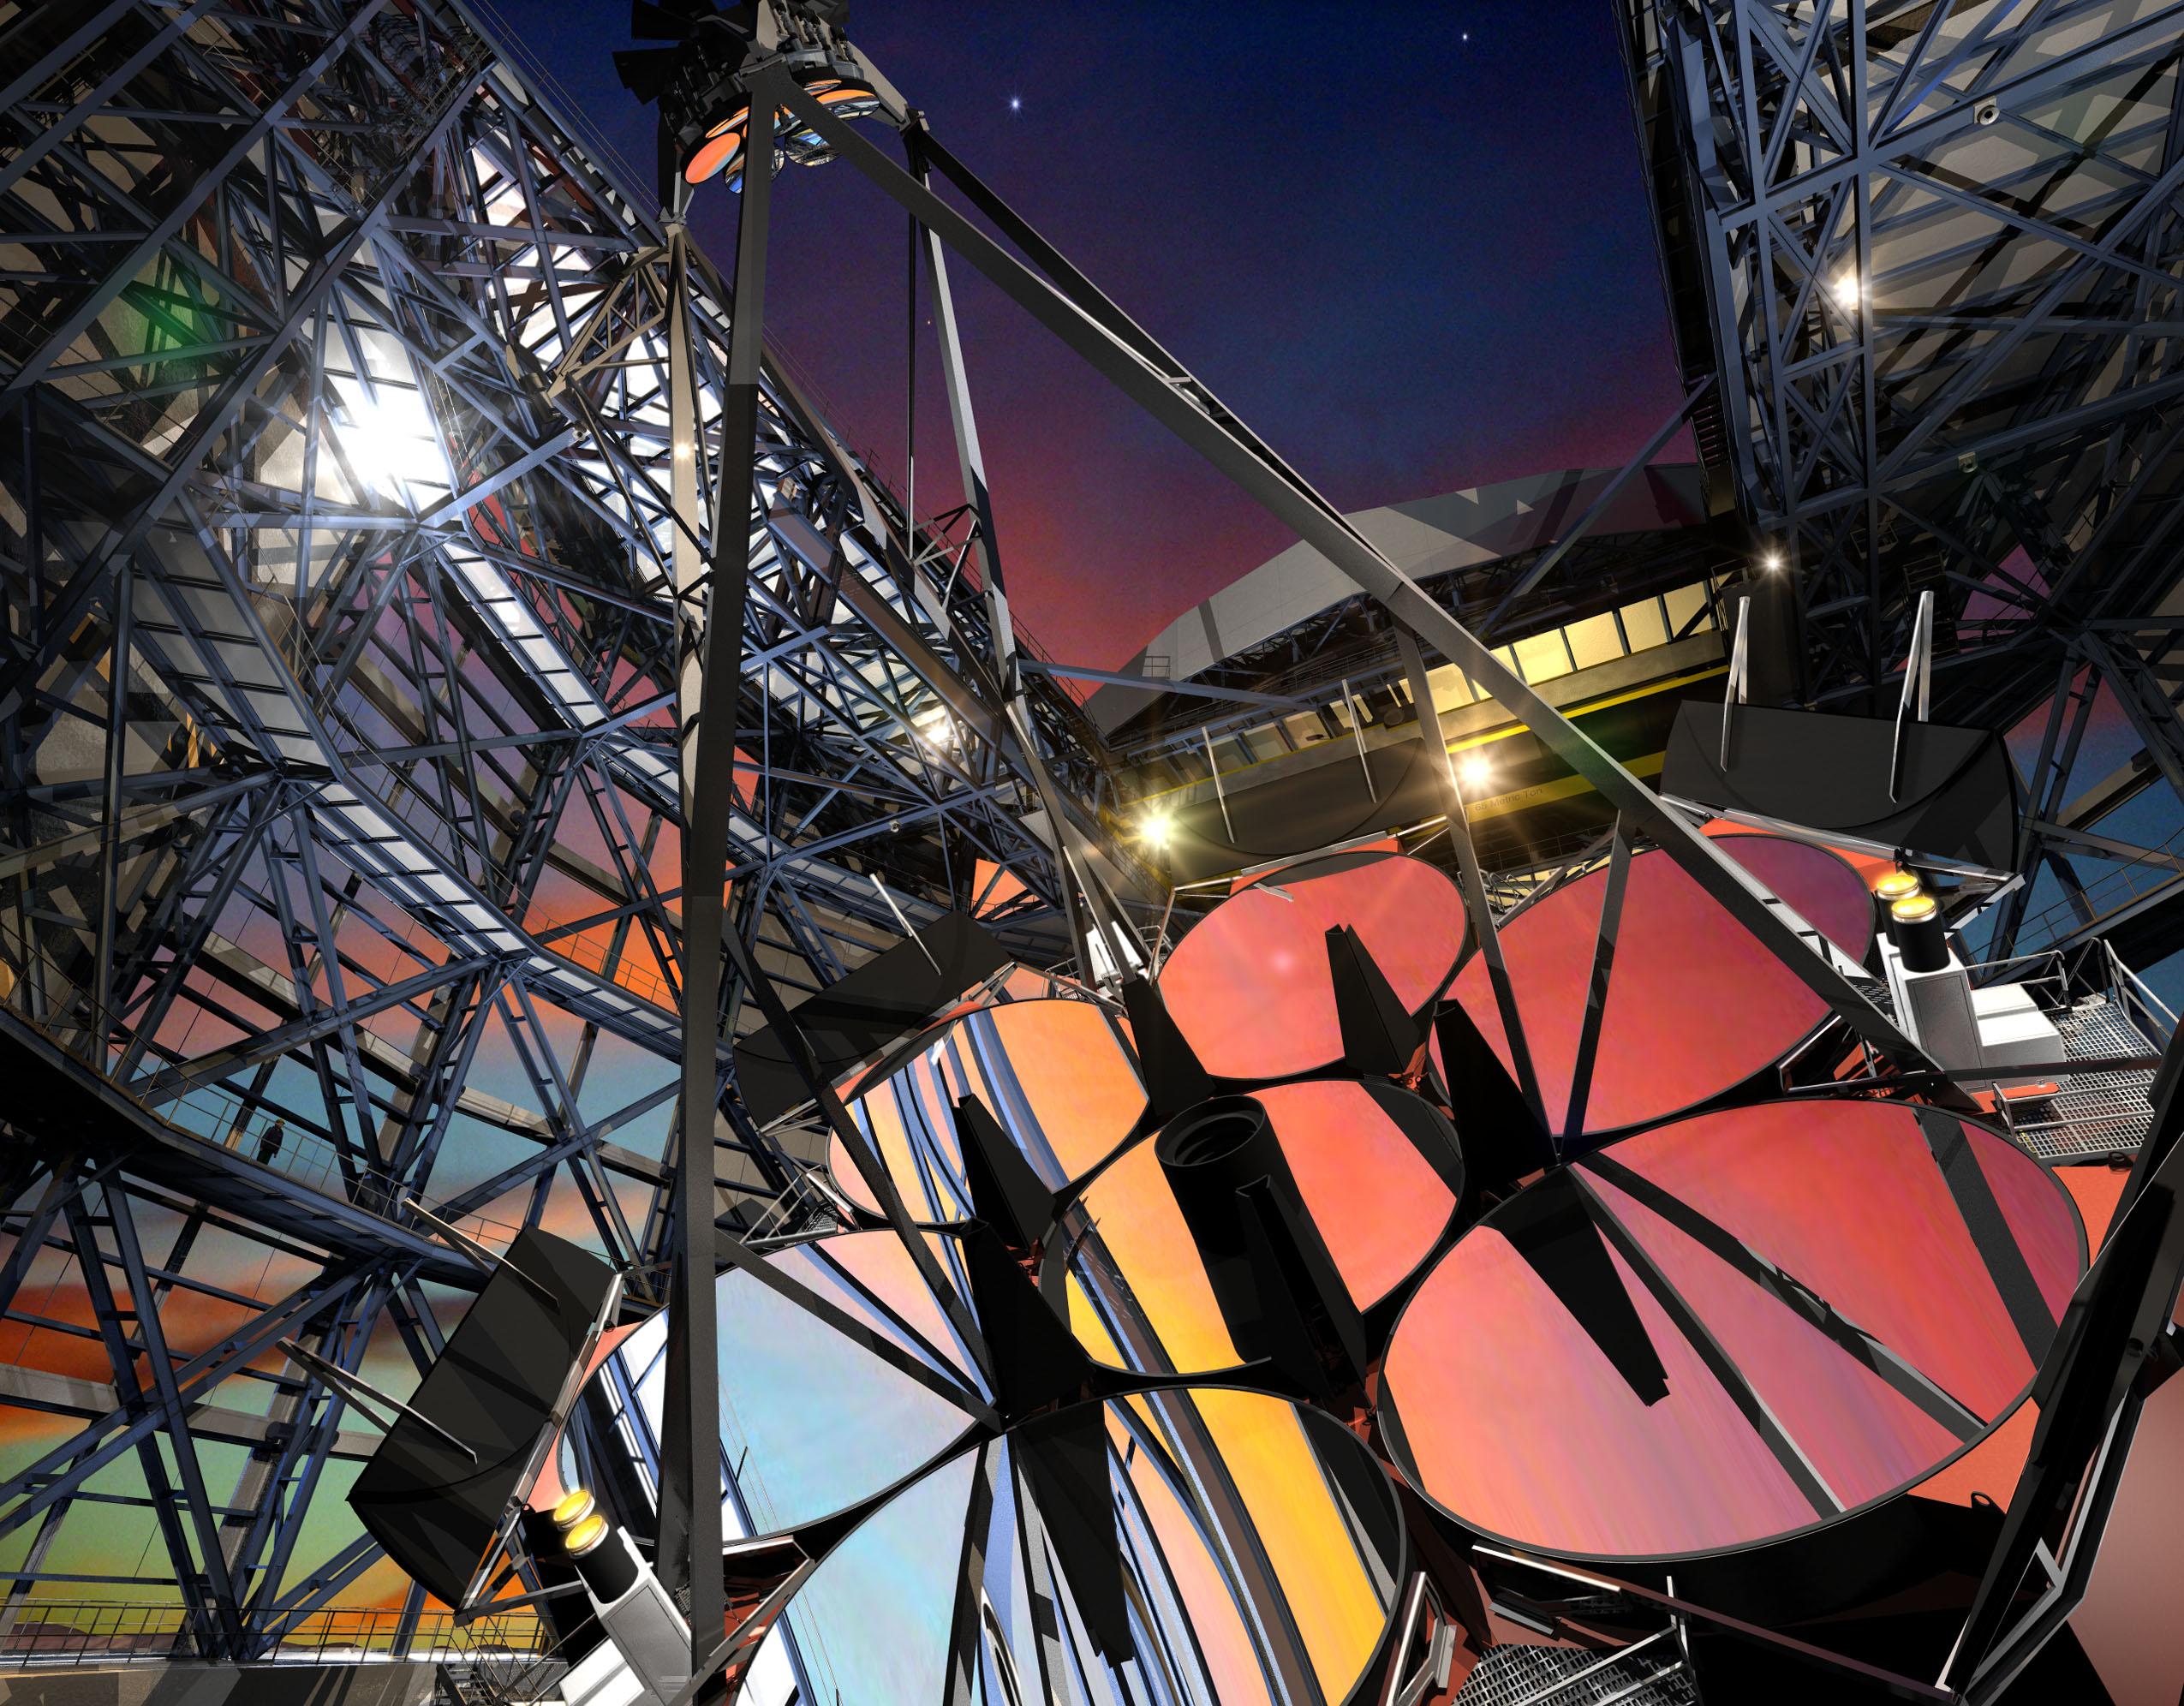 거대마젤란망원경(GMT)의 주경은 지름이 25.4m에 이르며, 지름이 각 8.4m인 거울 7장을 벌집 모양으로 연결해 만든다. - 한국천문연구원 제공